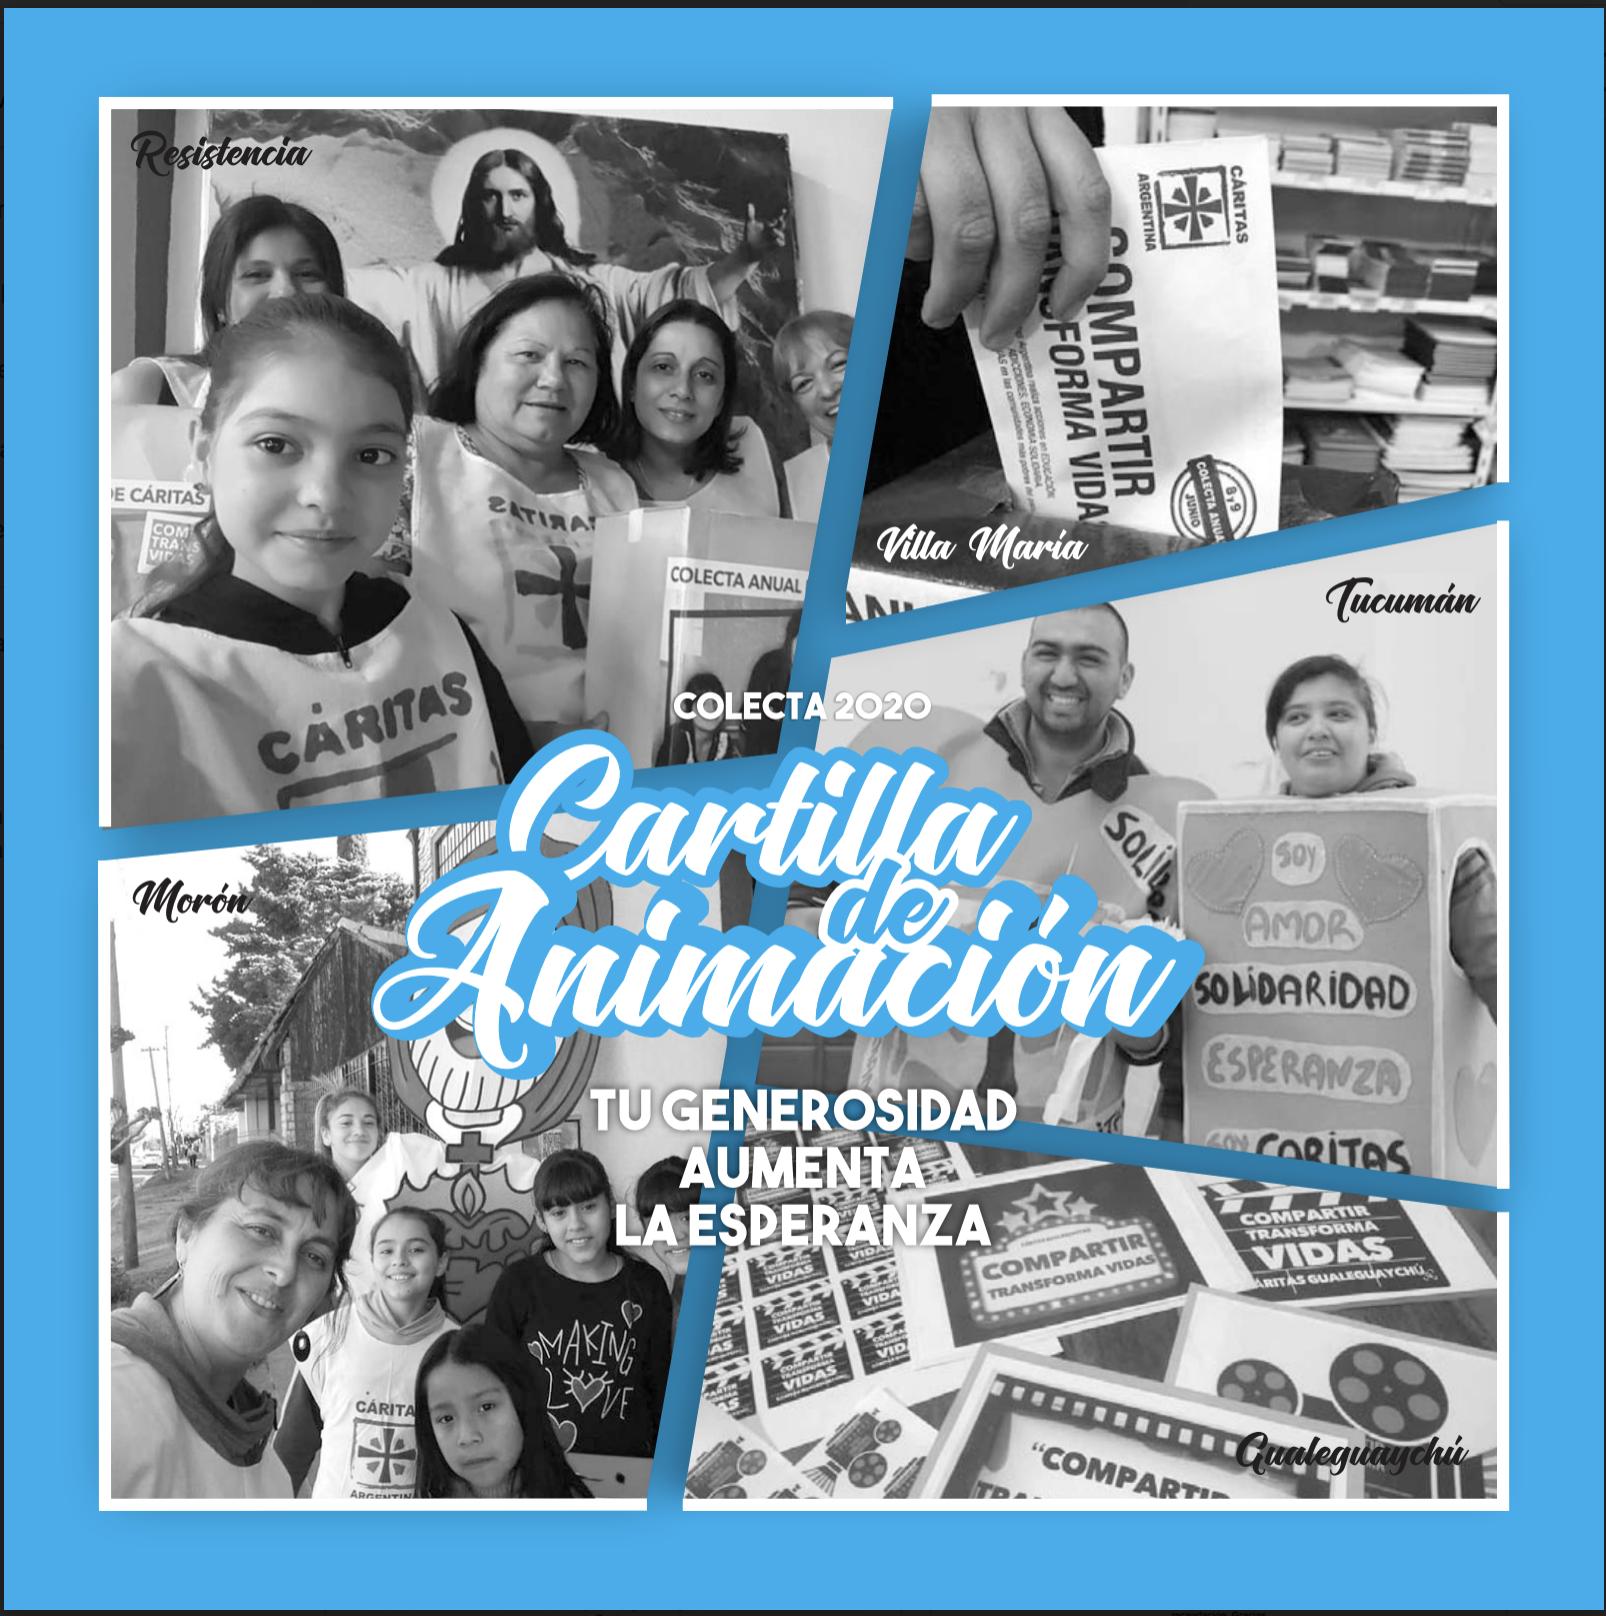 Cartilla de Animación para la Colecta Anual de Cáritas